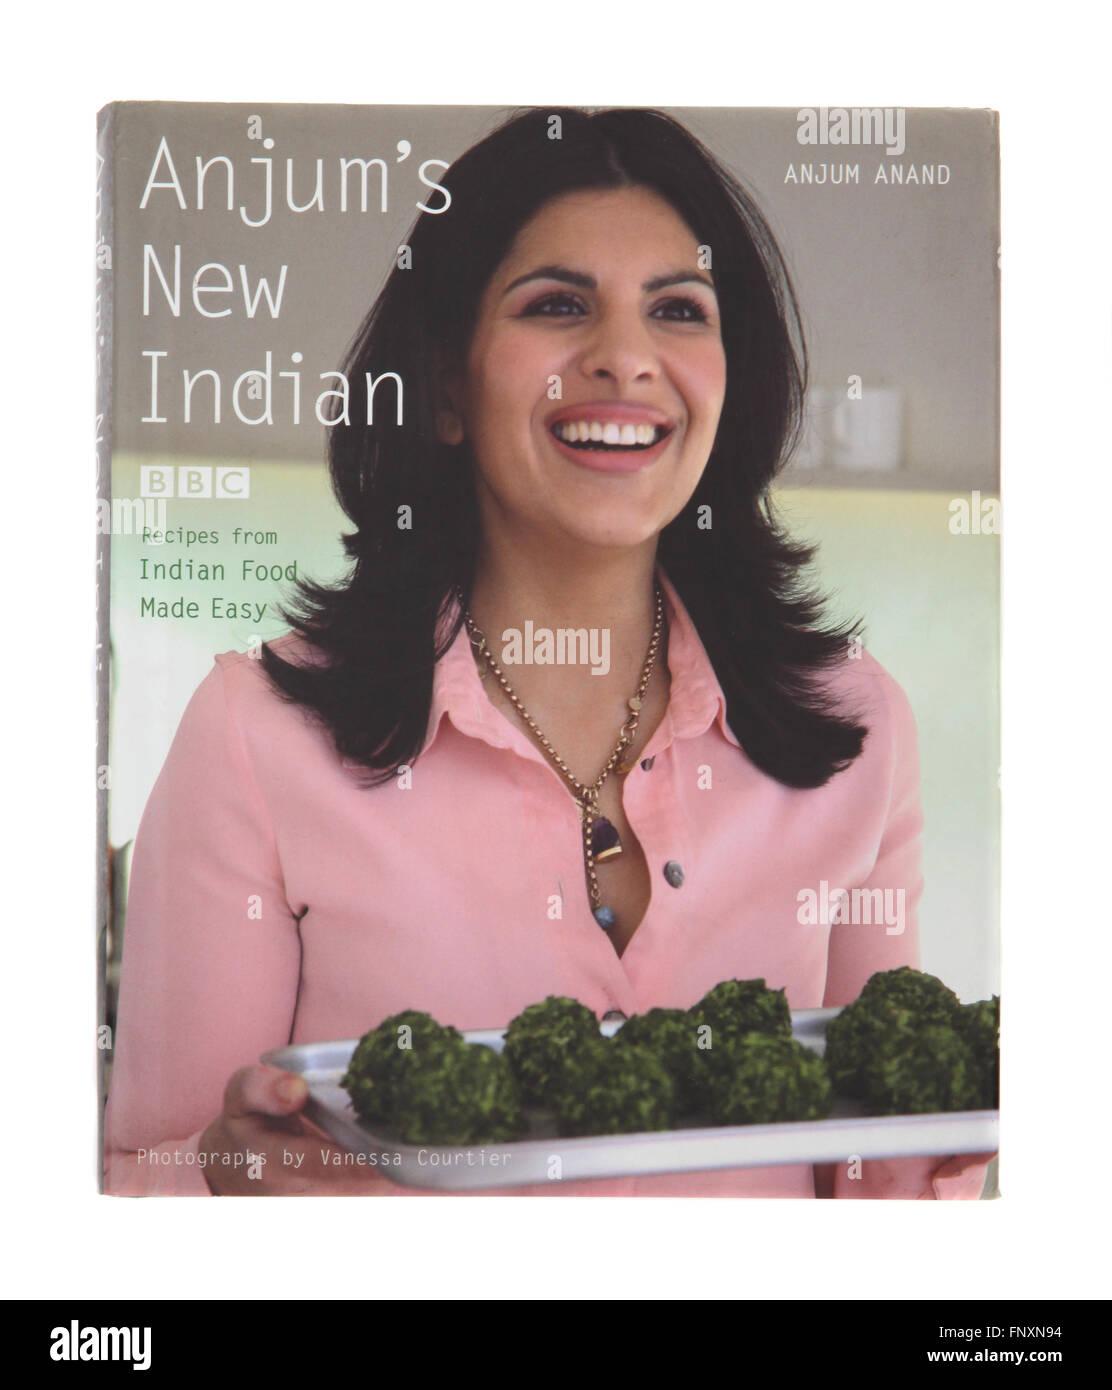 Le livre de recettes - Anjum's New Indian par Anjum Anand Photo Stock